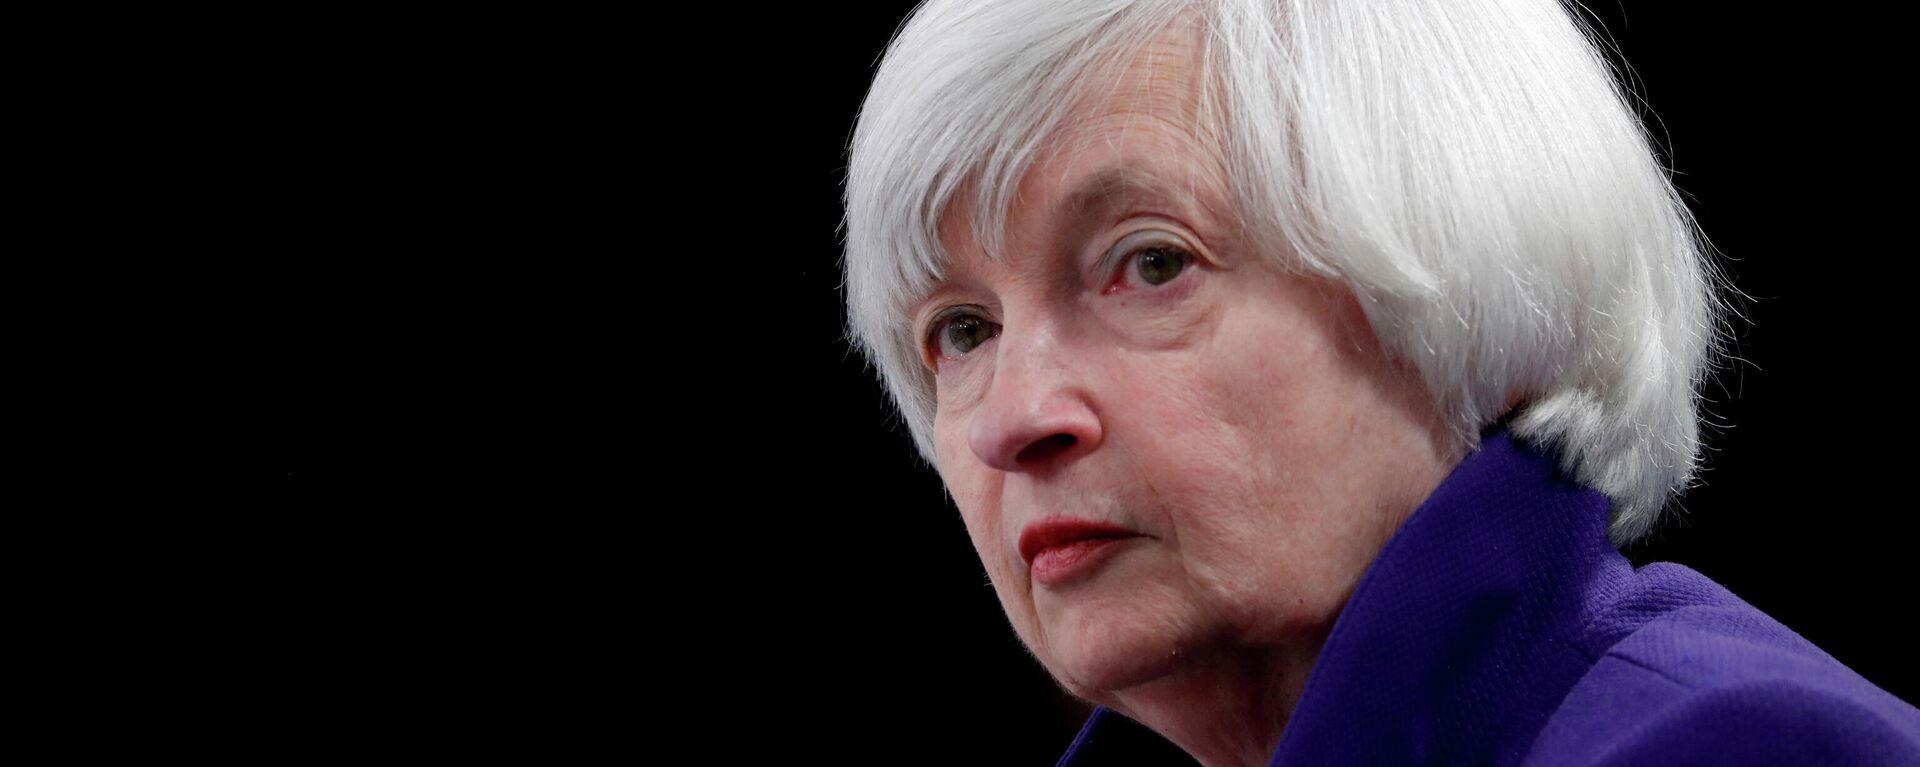 Janet Yellen, secretaria del Tesoro de EEUU - Sputnik Mundo, 1920, 21.09.2021